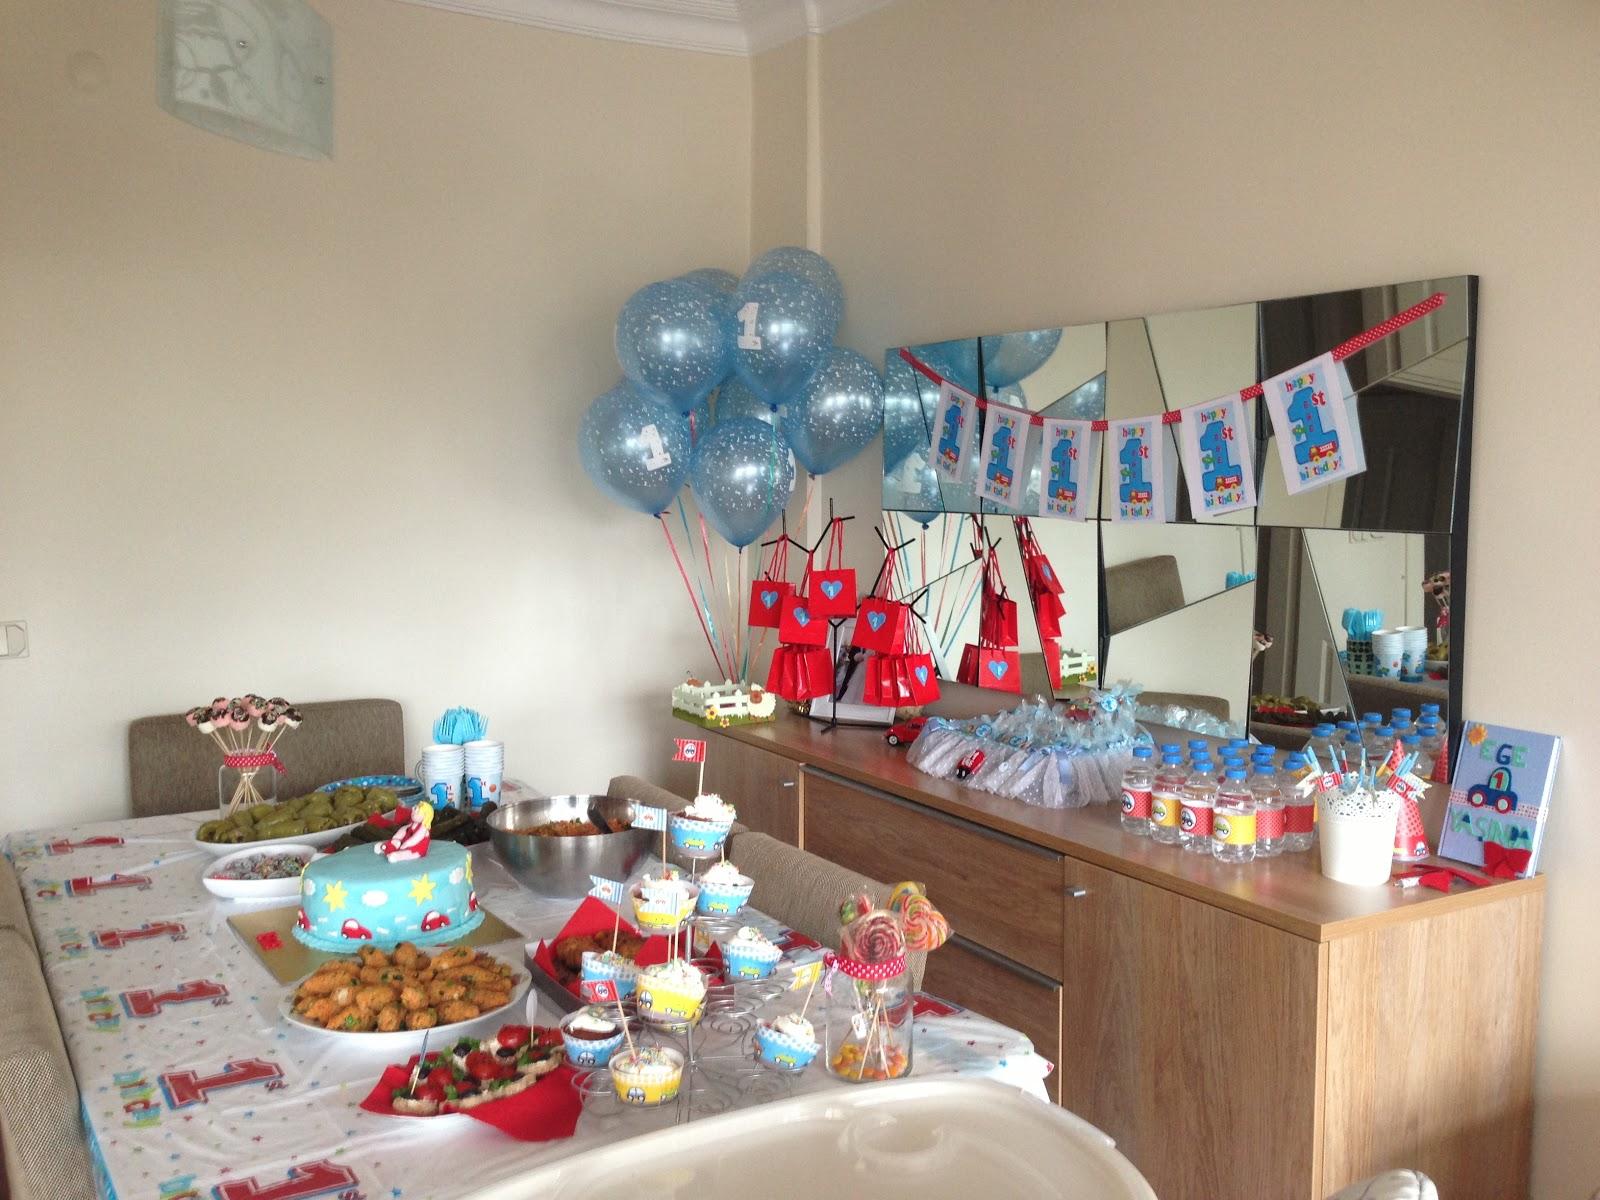 bir yaş doğum günü partisi ile ilgili görsel sonucu